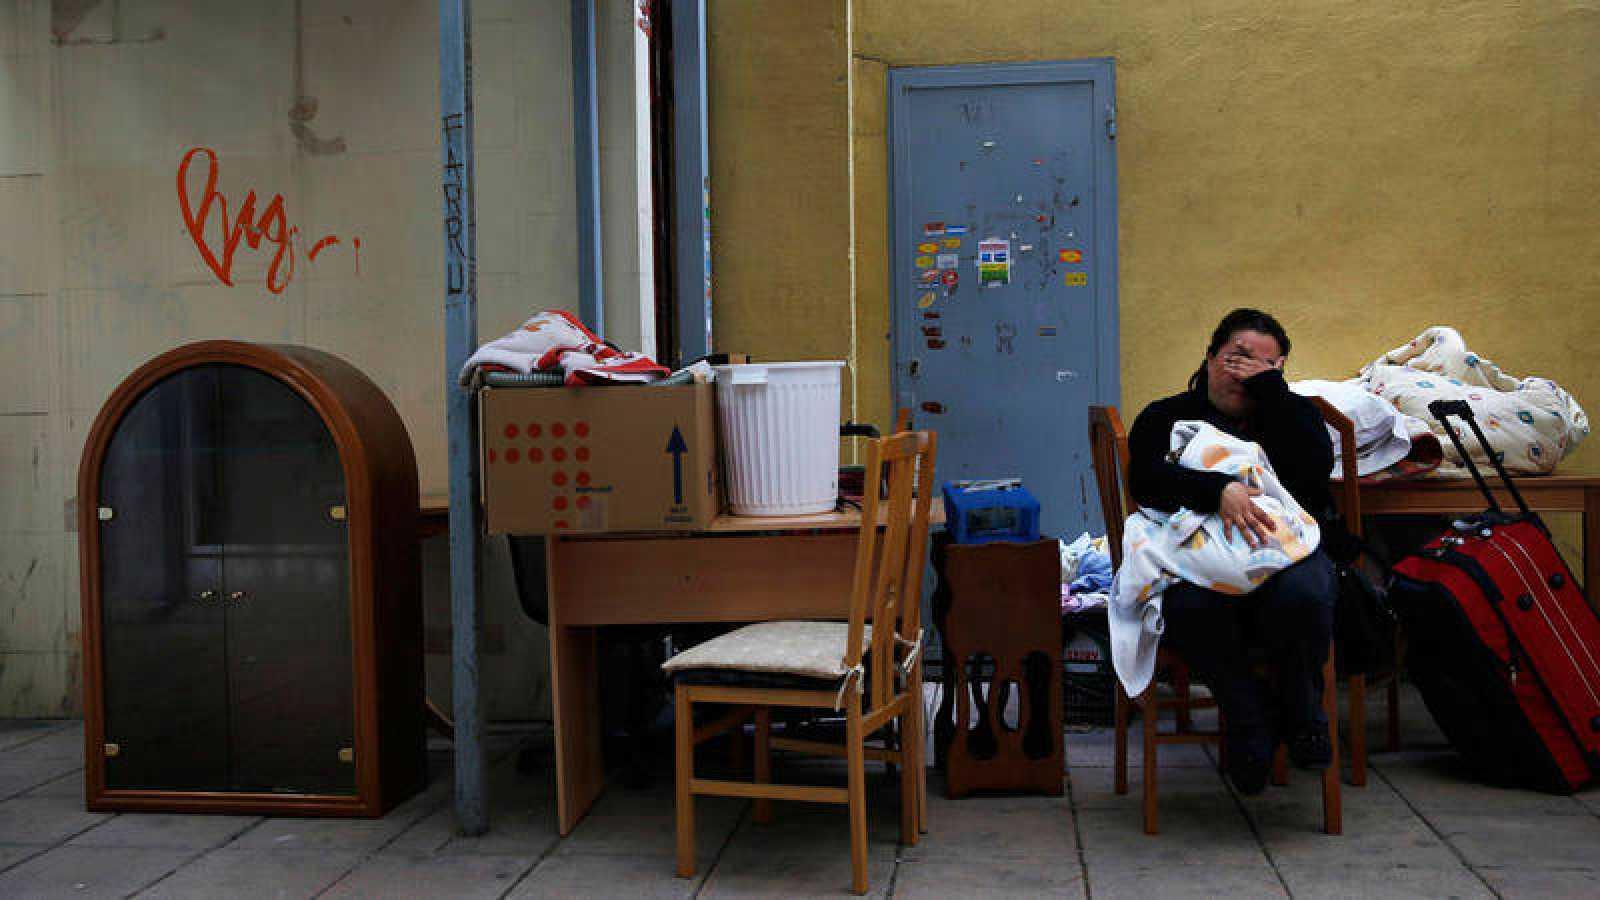 Claudia, una de las personas desahuciadas en España en 2014